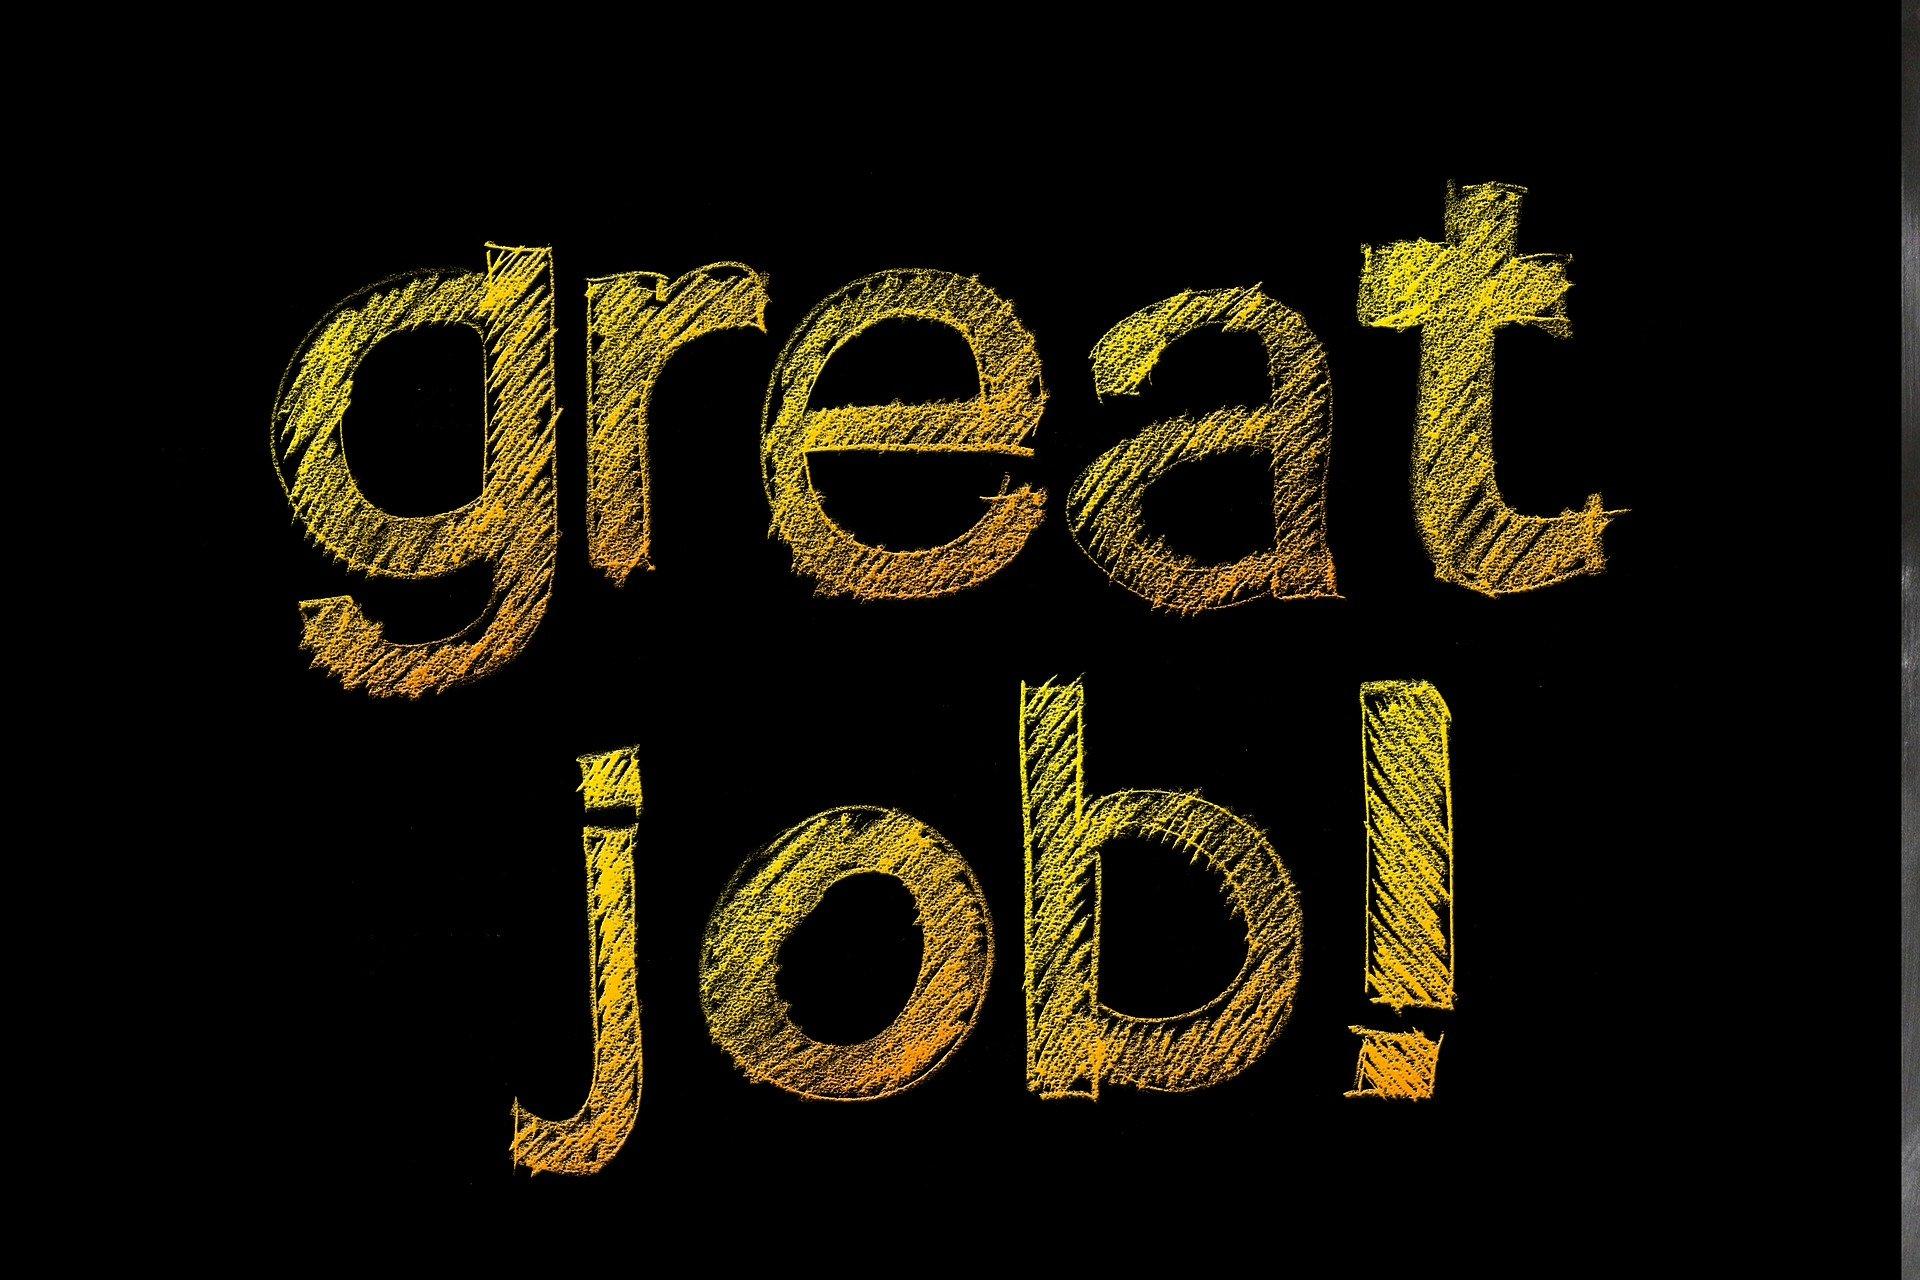 """In Goldschrift steht da """"great job!"""" und klingt viel besser als """"Nicht geschimpft ist Lob genug."""""""